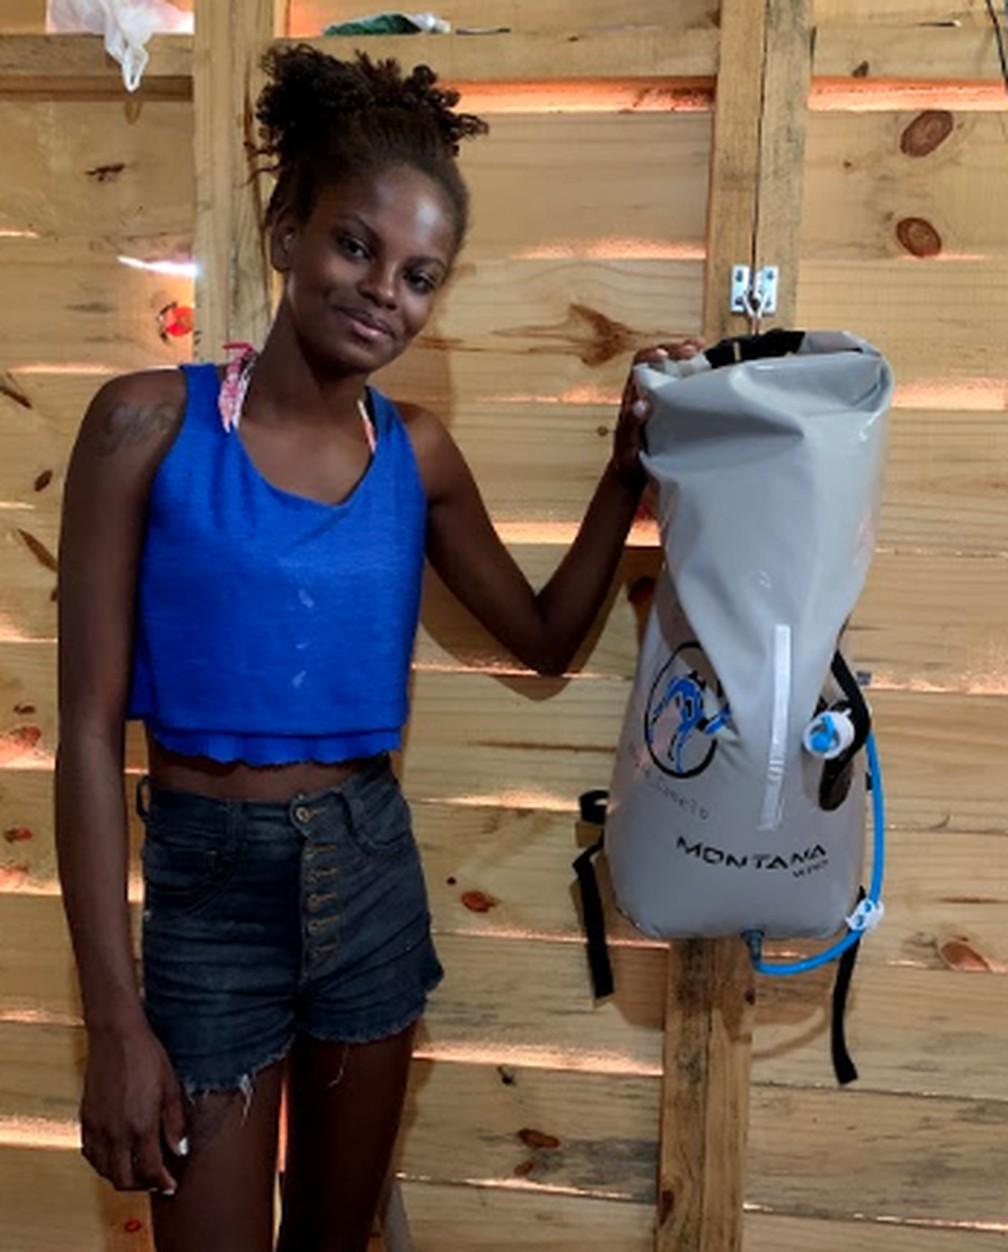 Moradora de Jardim Gramacho elogia equipamento que filtra água  — Foto: Divulgação/Água Camelo